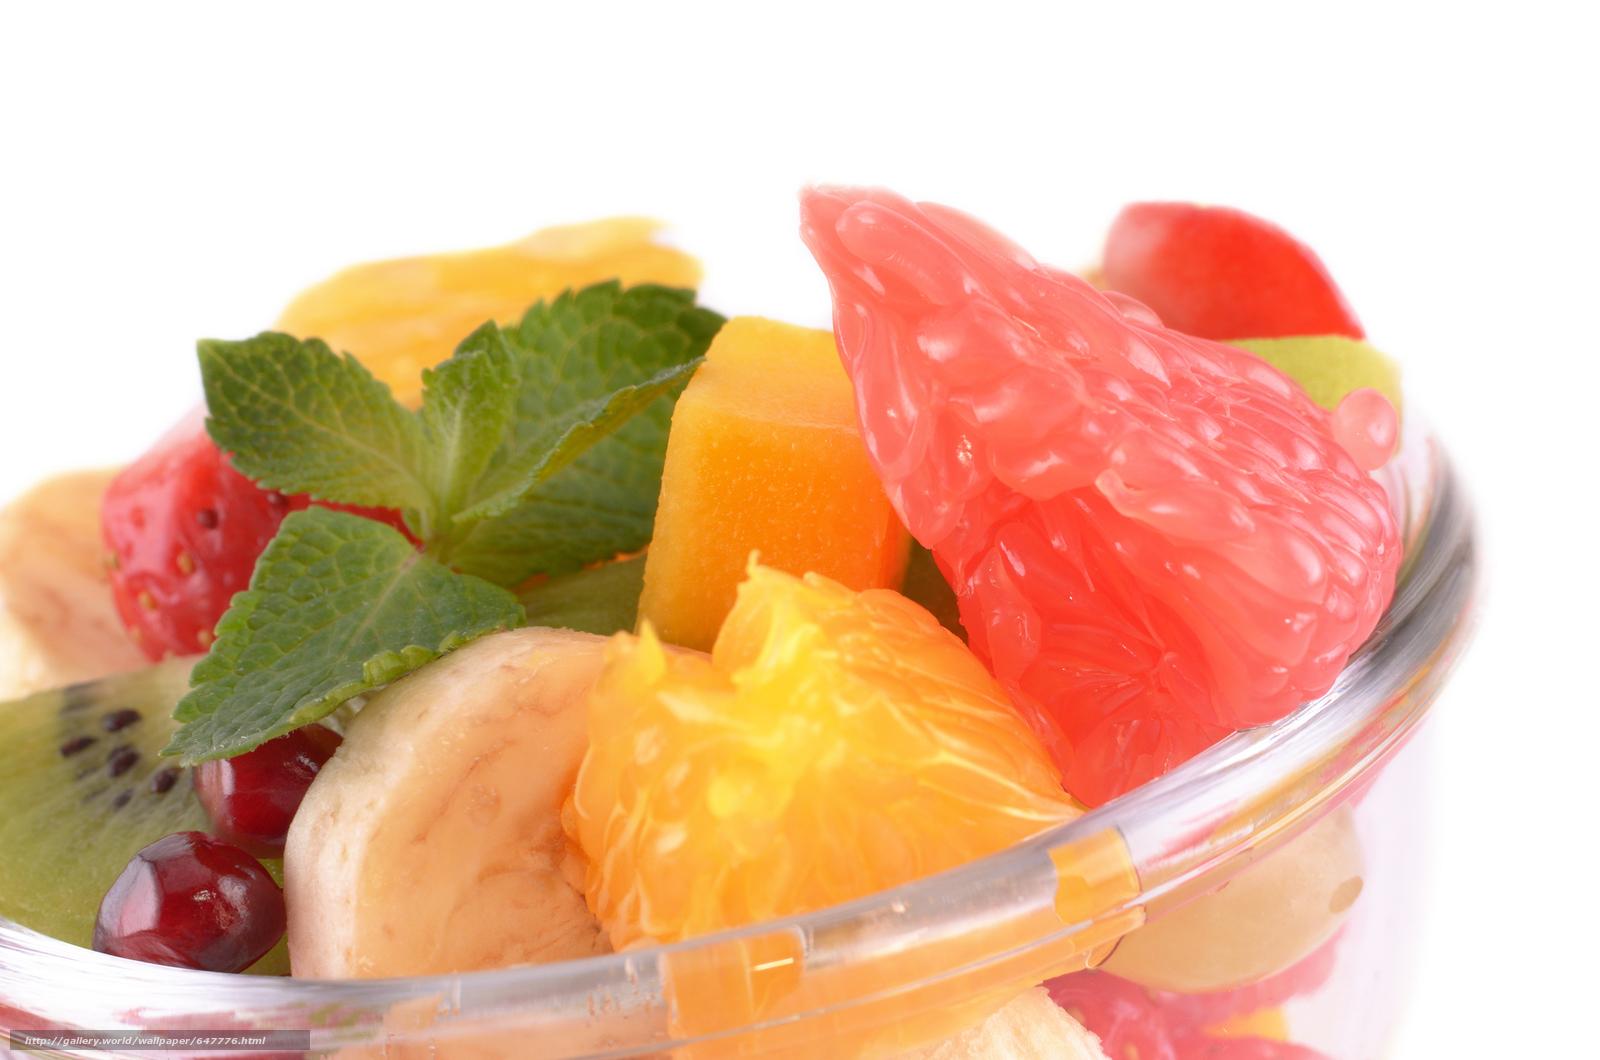 Скачать обои фрукты,  витамины,  еда бесплатно для рабочего стола в разрешении 6040x4000 — картинка №647776